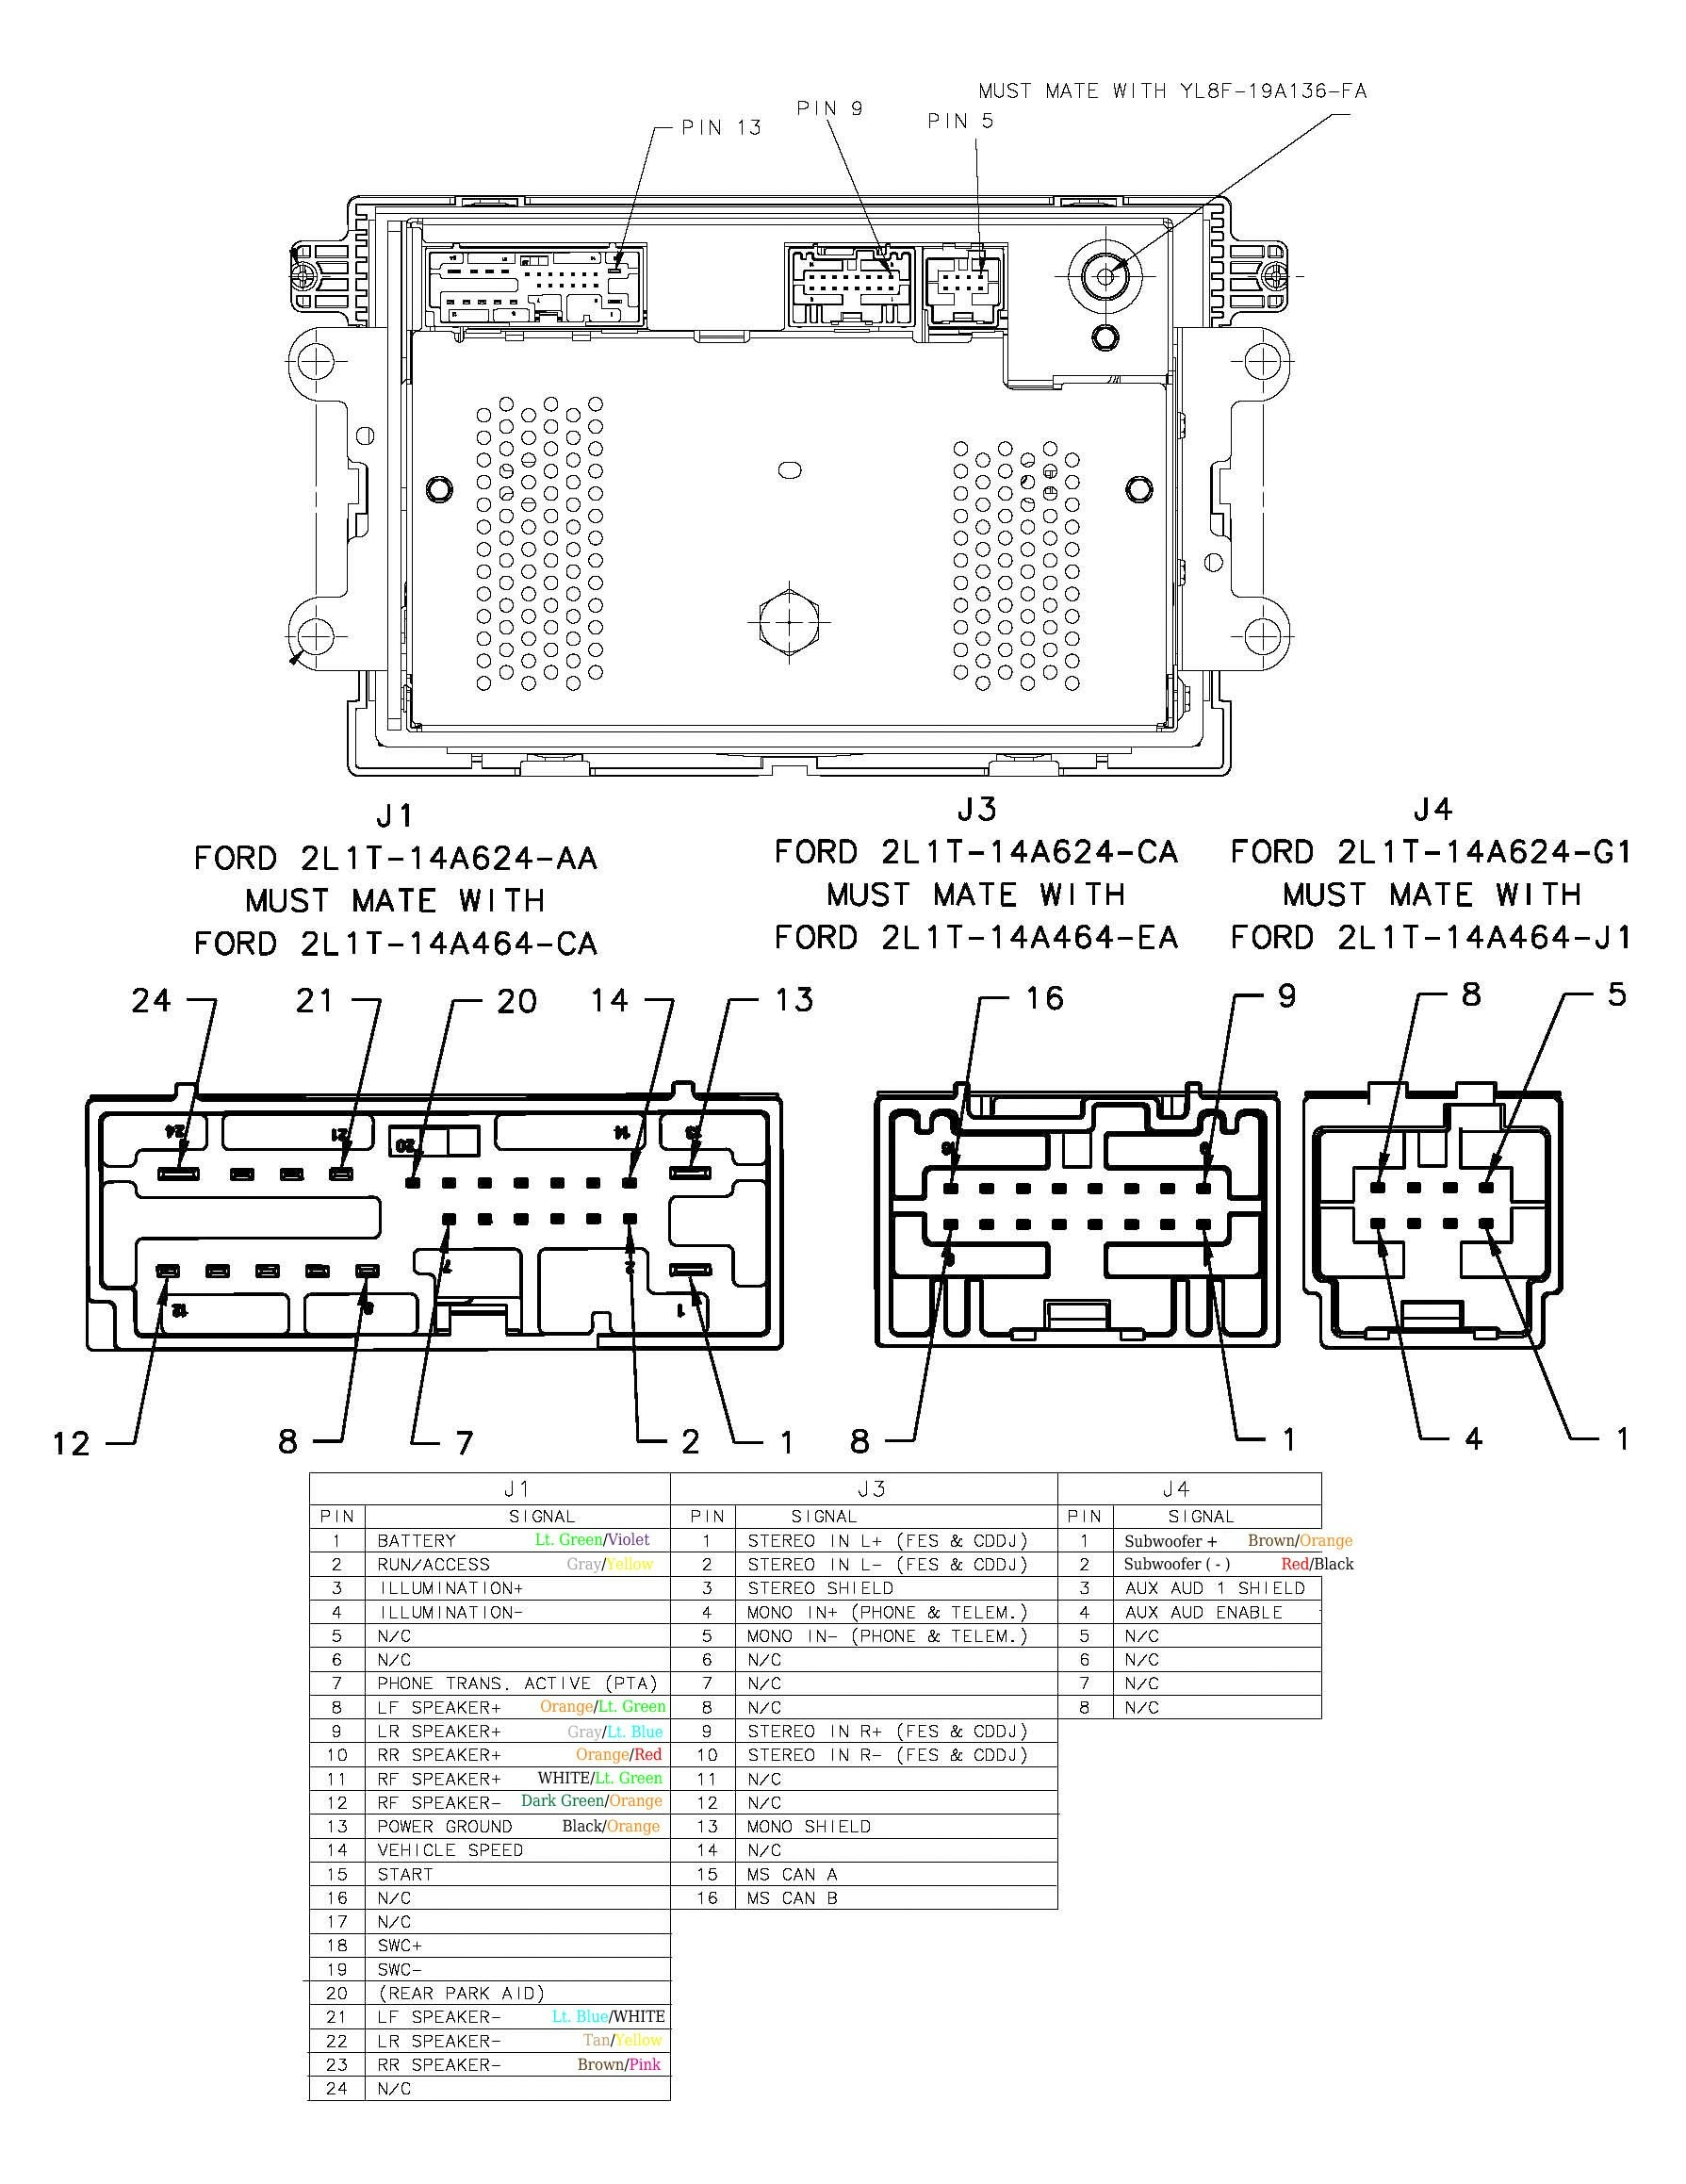 Metra 70 5520 Wiring Diagram - Simple Wiring Diagram - Metra 70-5520 Wiring Diagram